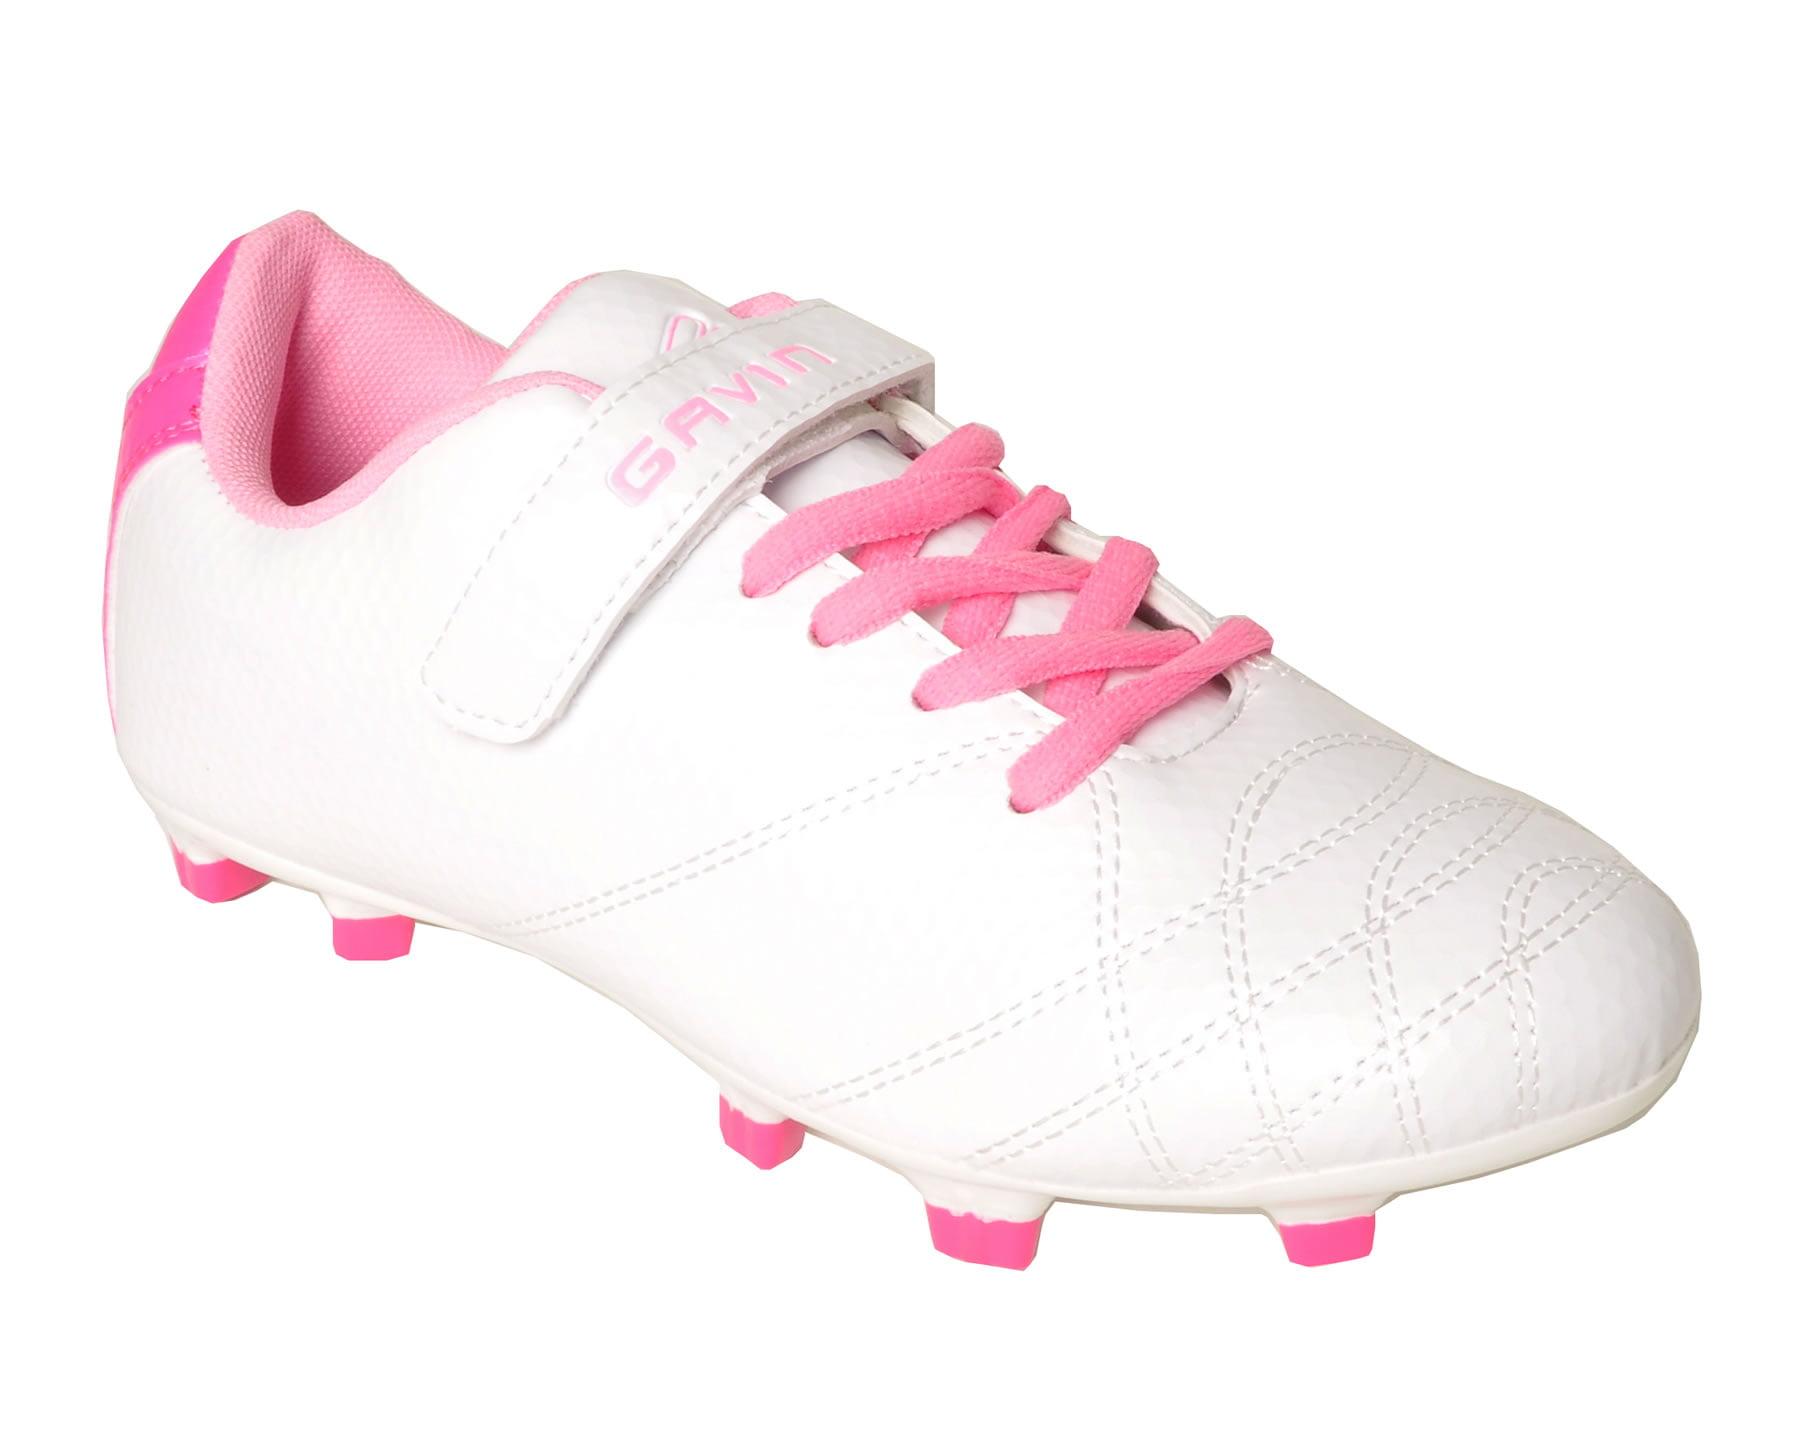 Gavin Girls Soccer Shoes Lightweight